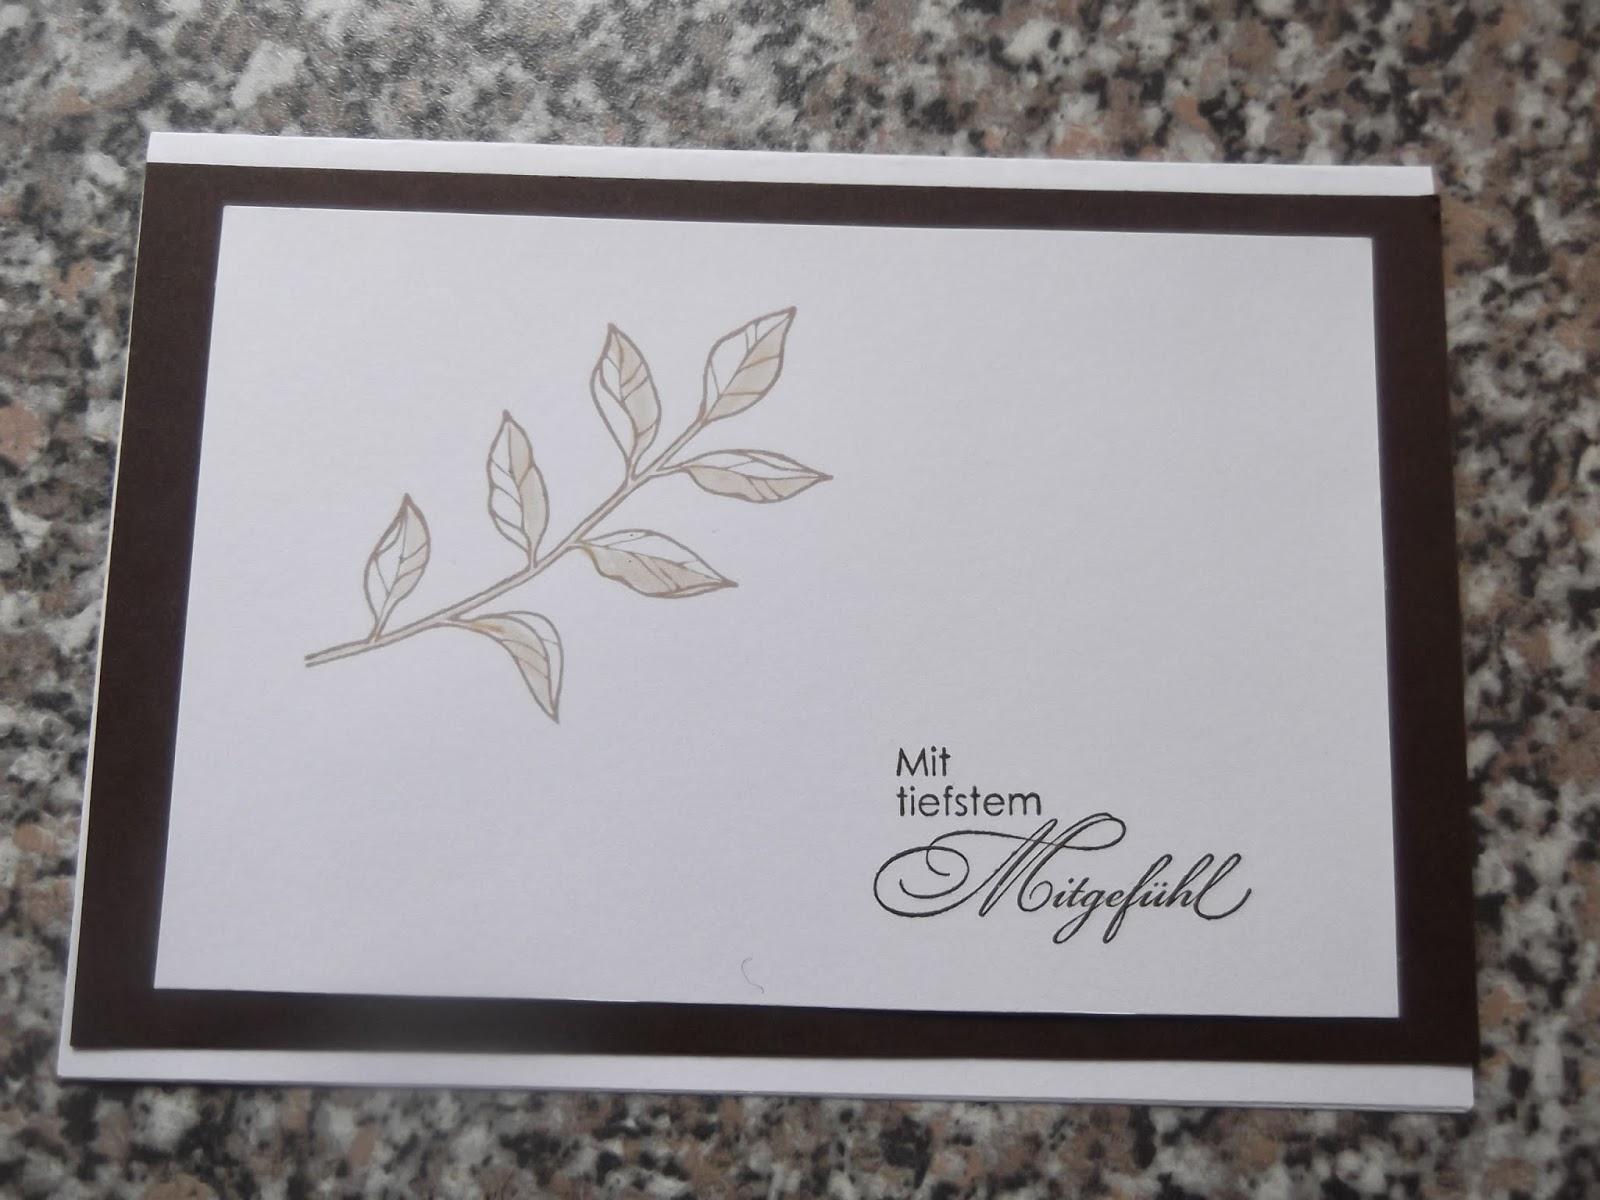 Briefumschlag Beschriften Für Trauerkarte : Hochzeitseinladung umschlag beschriften trauer beileid